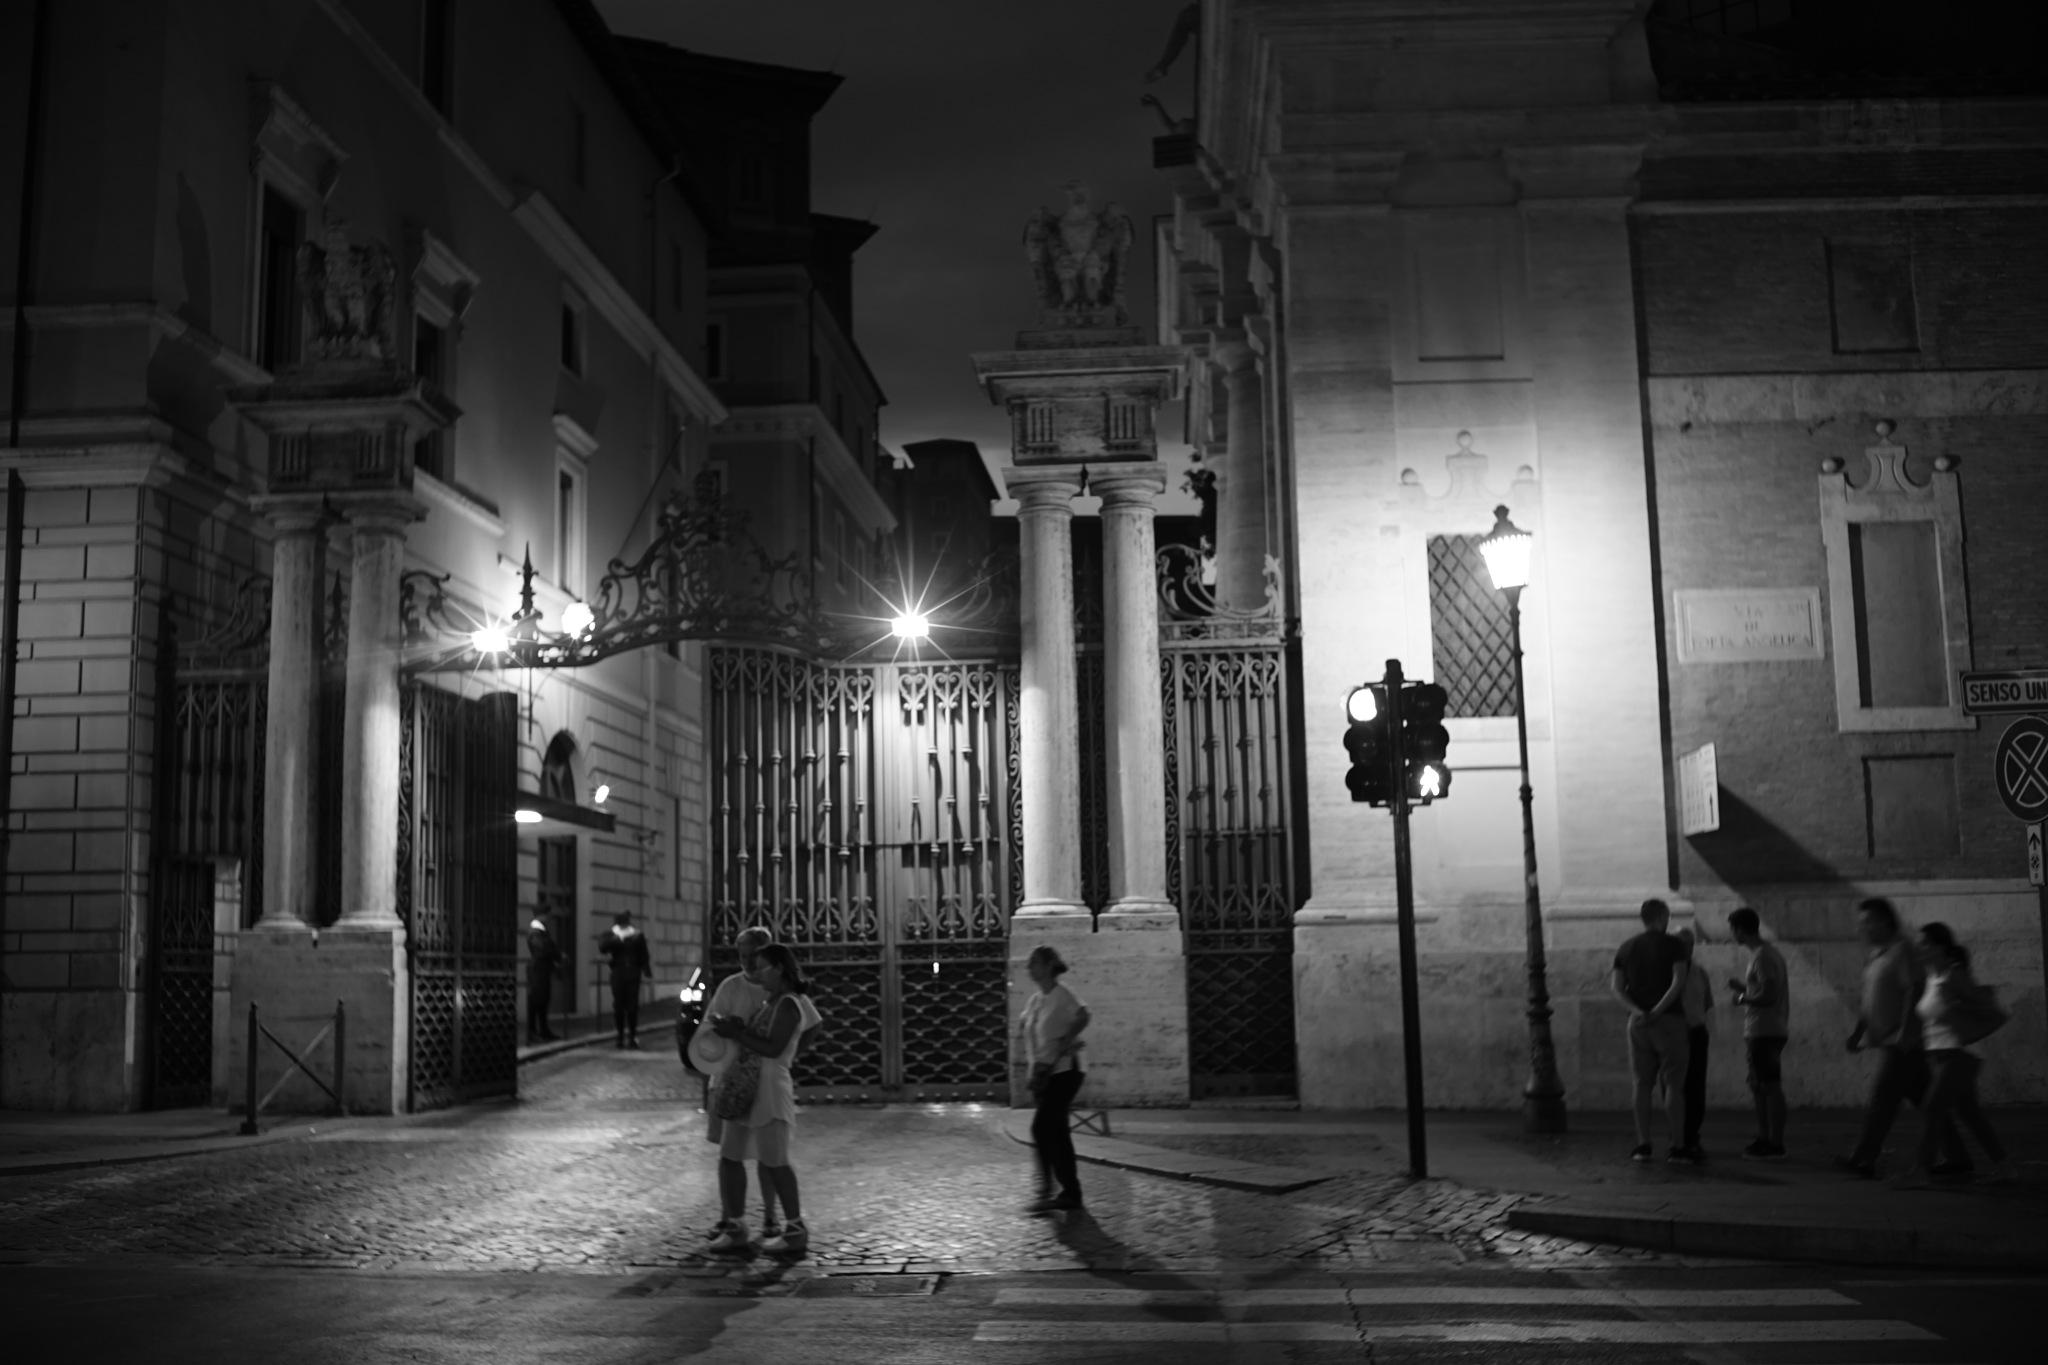 Porta S. Anna by gpo1961